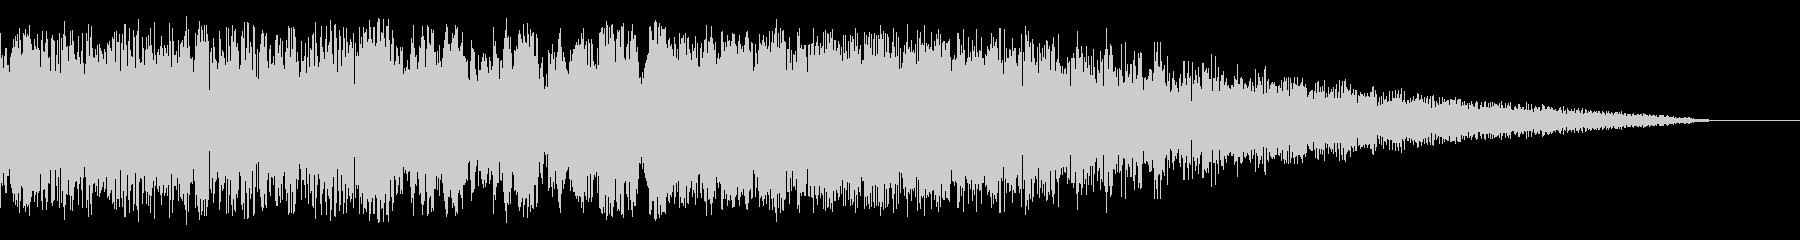 ドォォーーーーーーーーーーーーンの未再生の波形